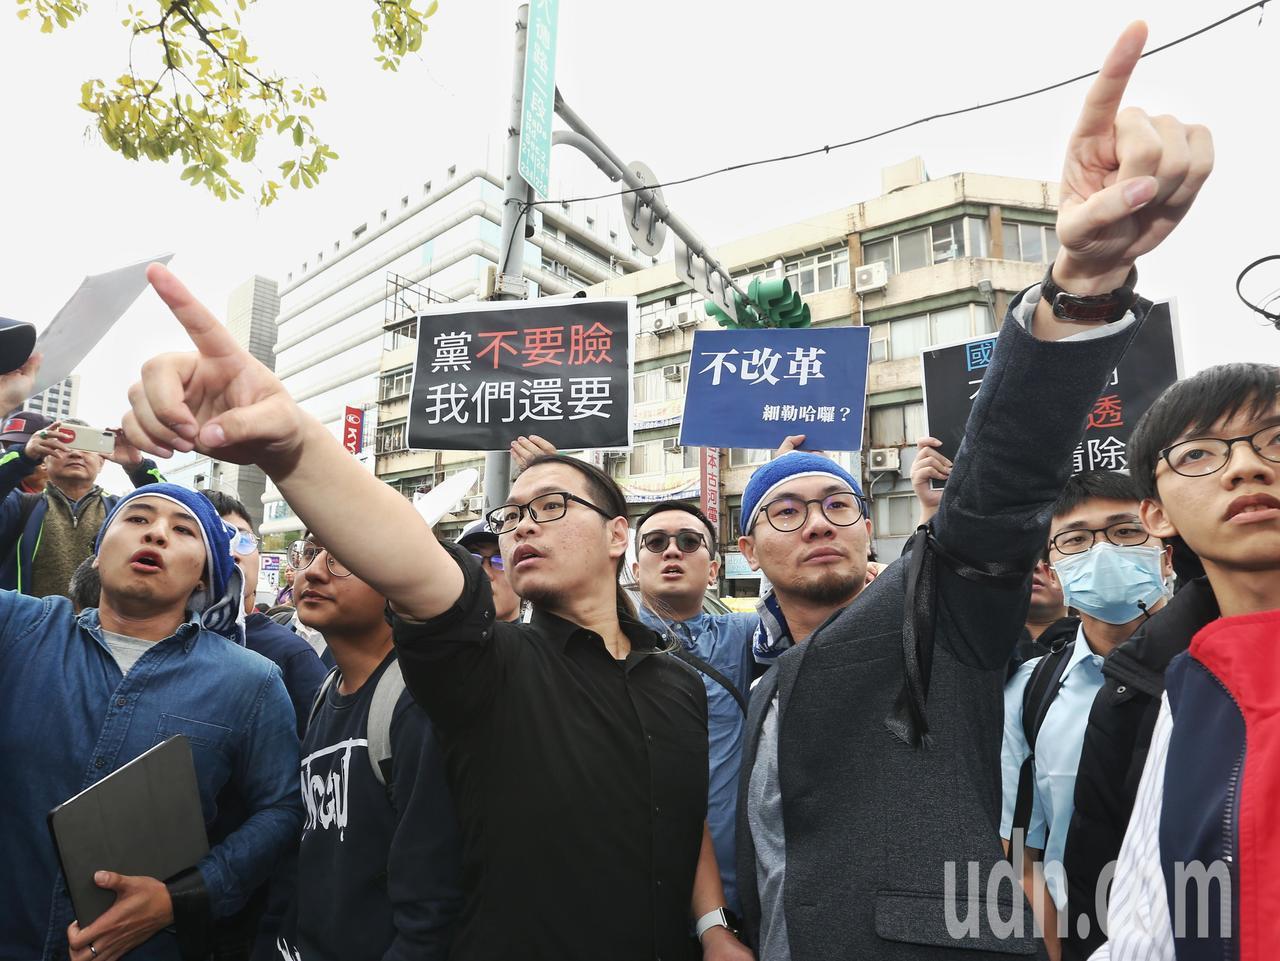 國民黨青年派黨員突襲中常會,要求黨中央改革,卻被警方請出黨部,兩名青年黨員表示自...